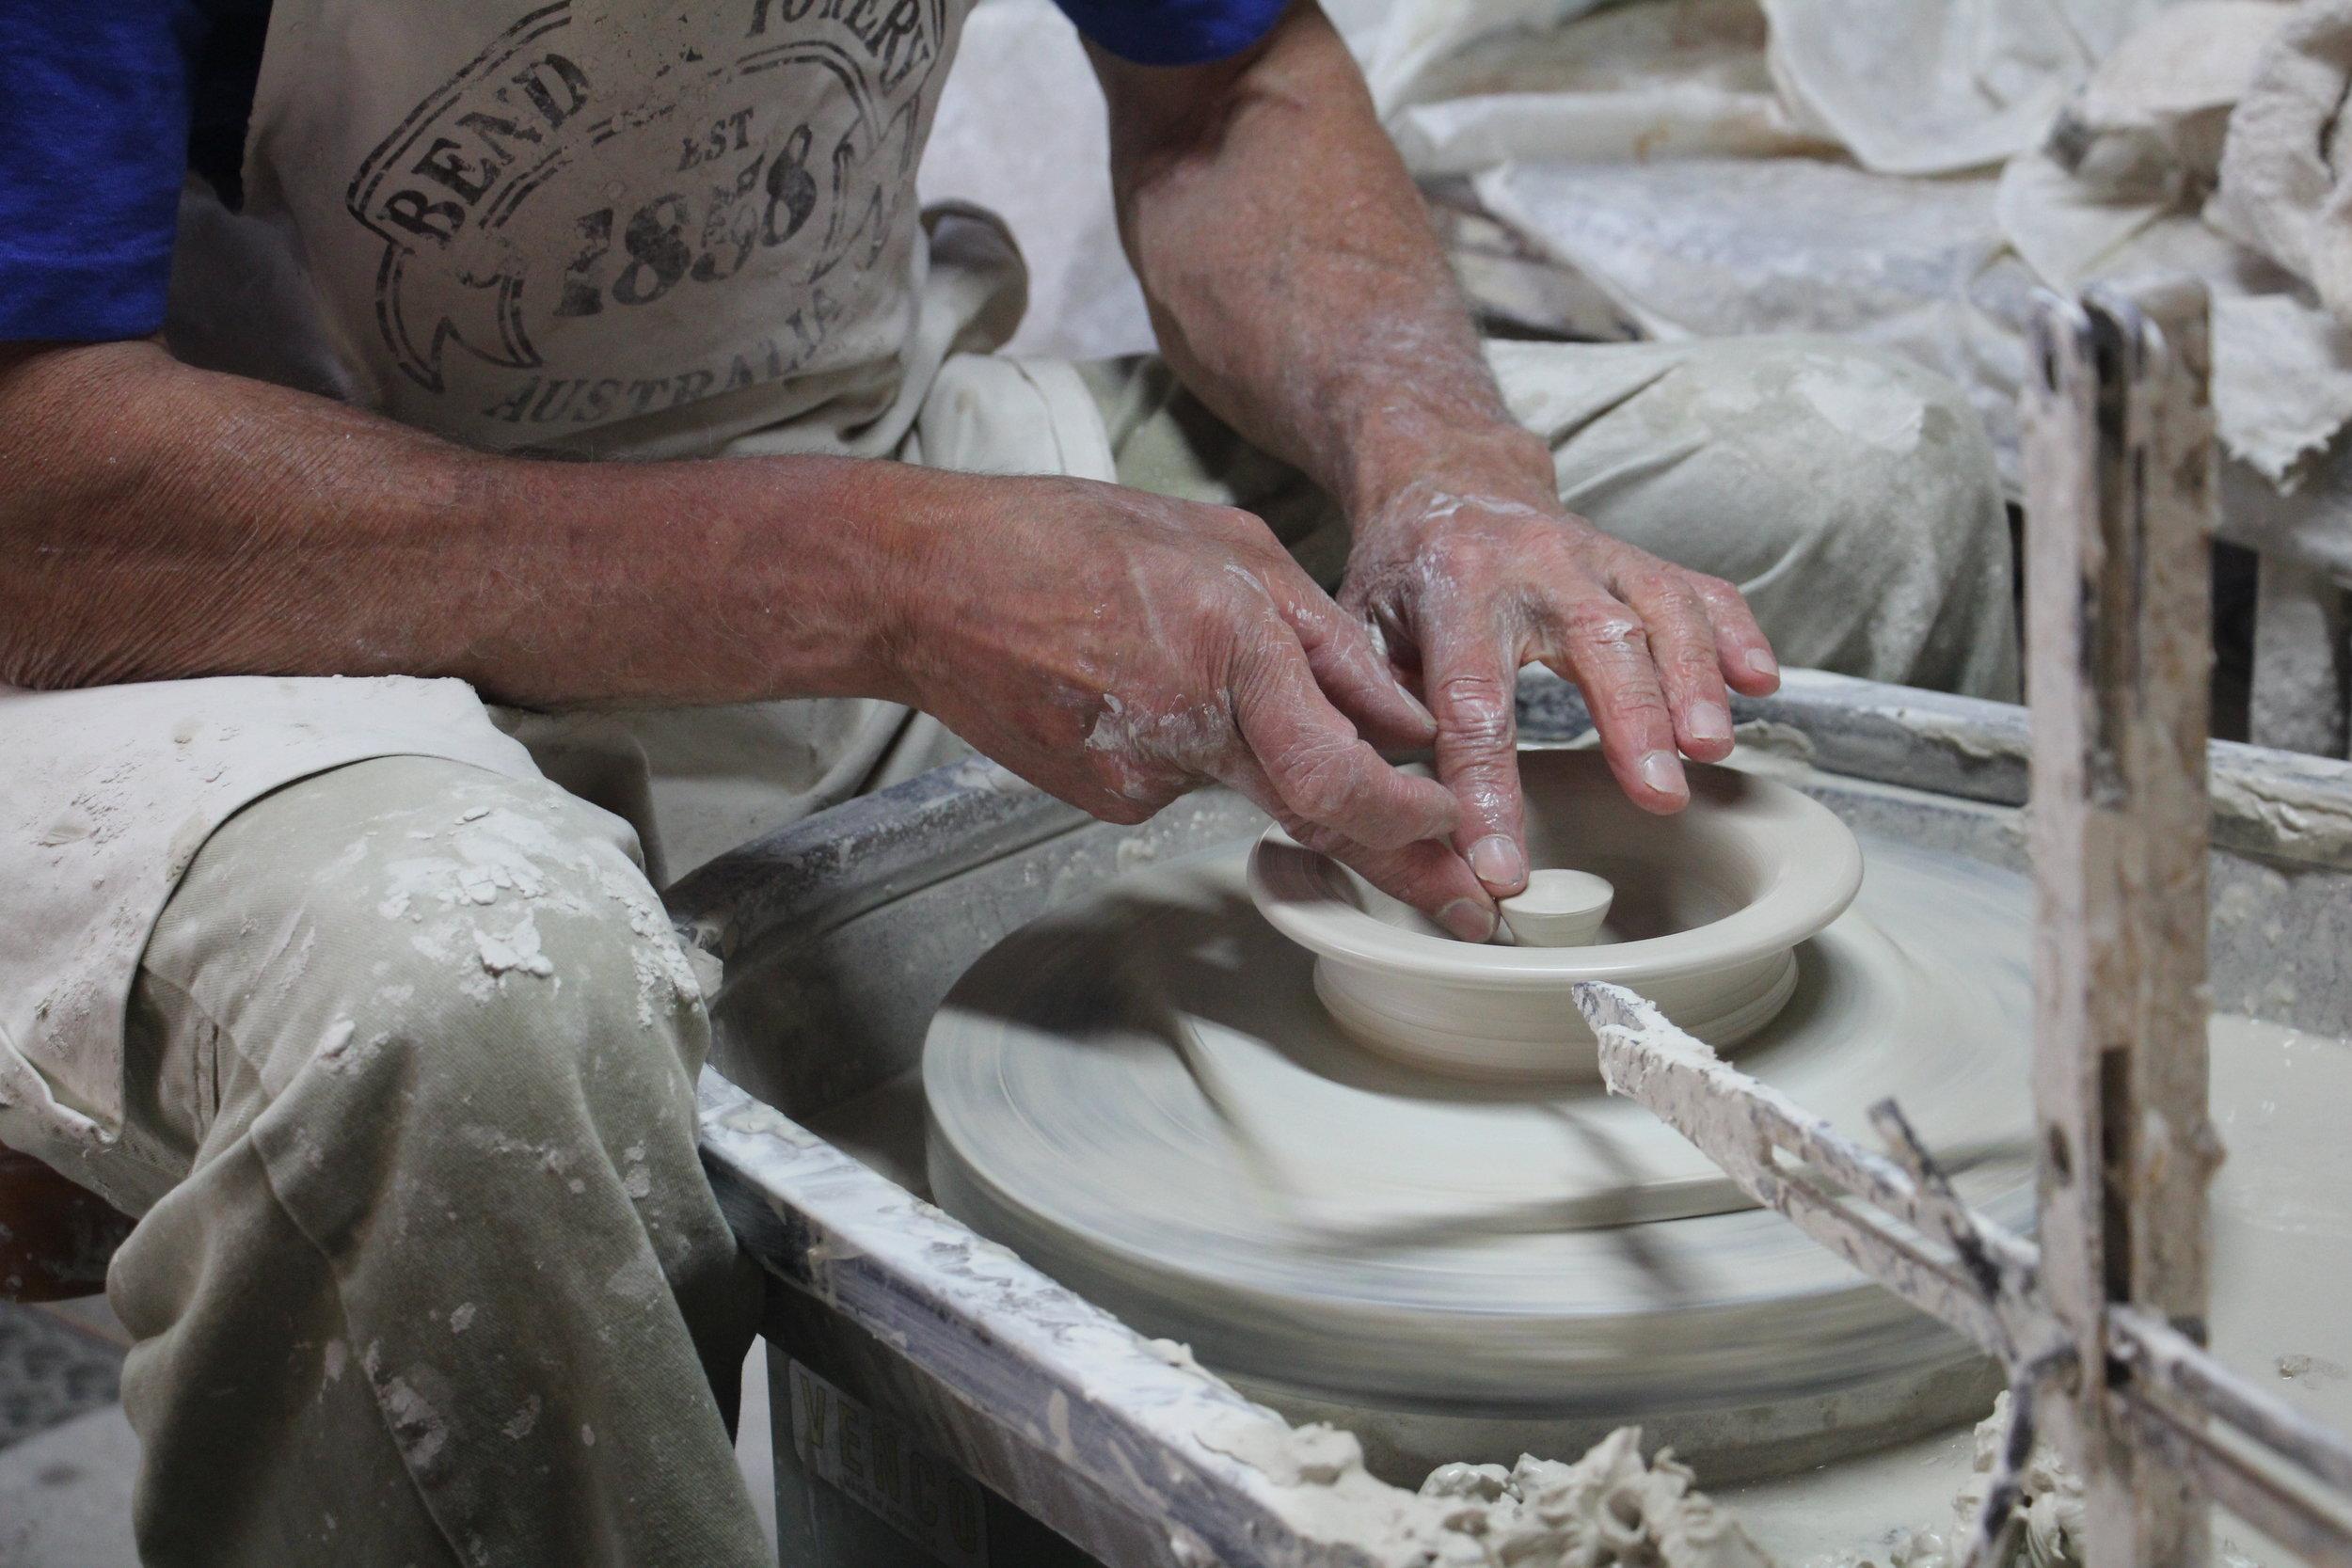 A potter on the wheel. Photo Credit: Explore Bendigo & Bendigo Tourism